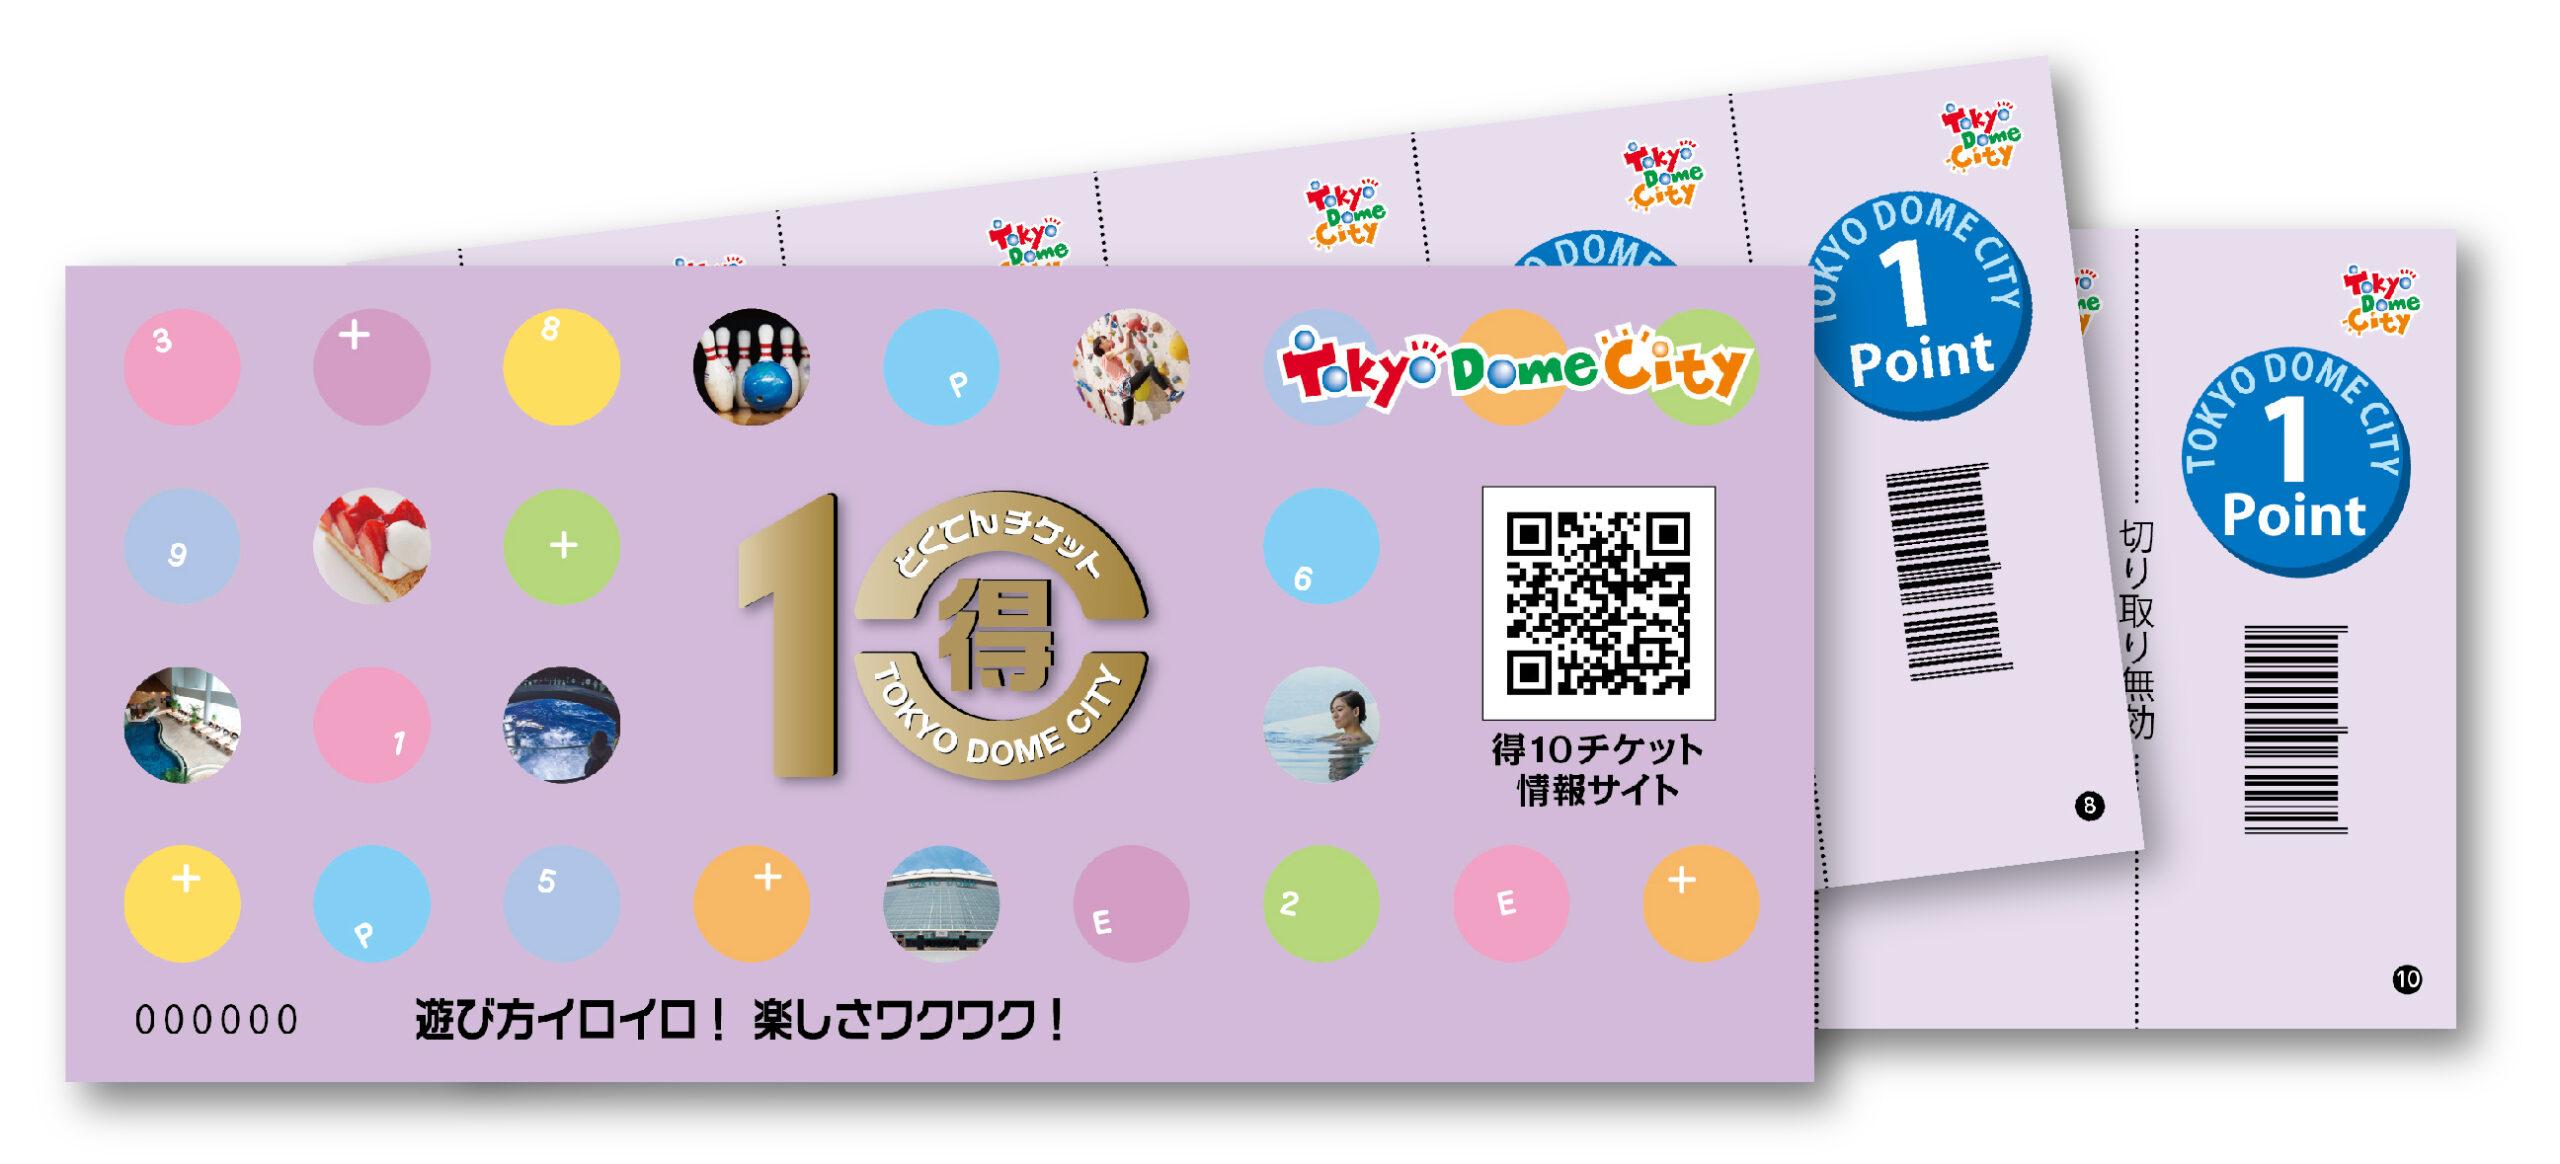 東京ドームシティなら、話題のグルメも温泉も遊園地も!